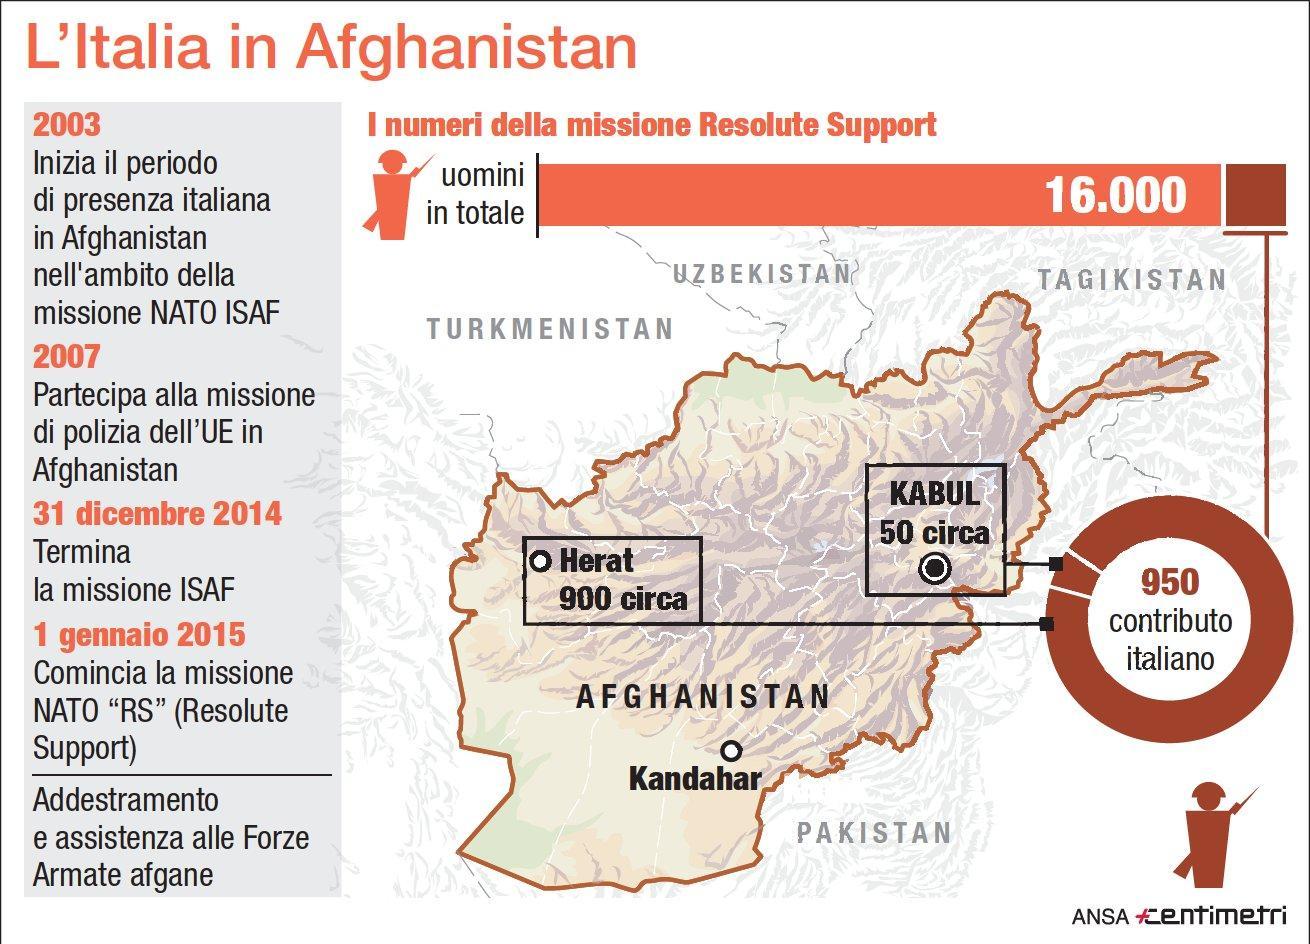 La presenza militare italiana in Afghanistan